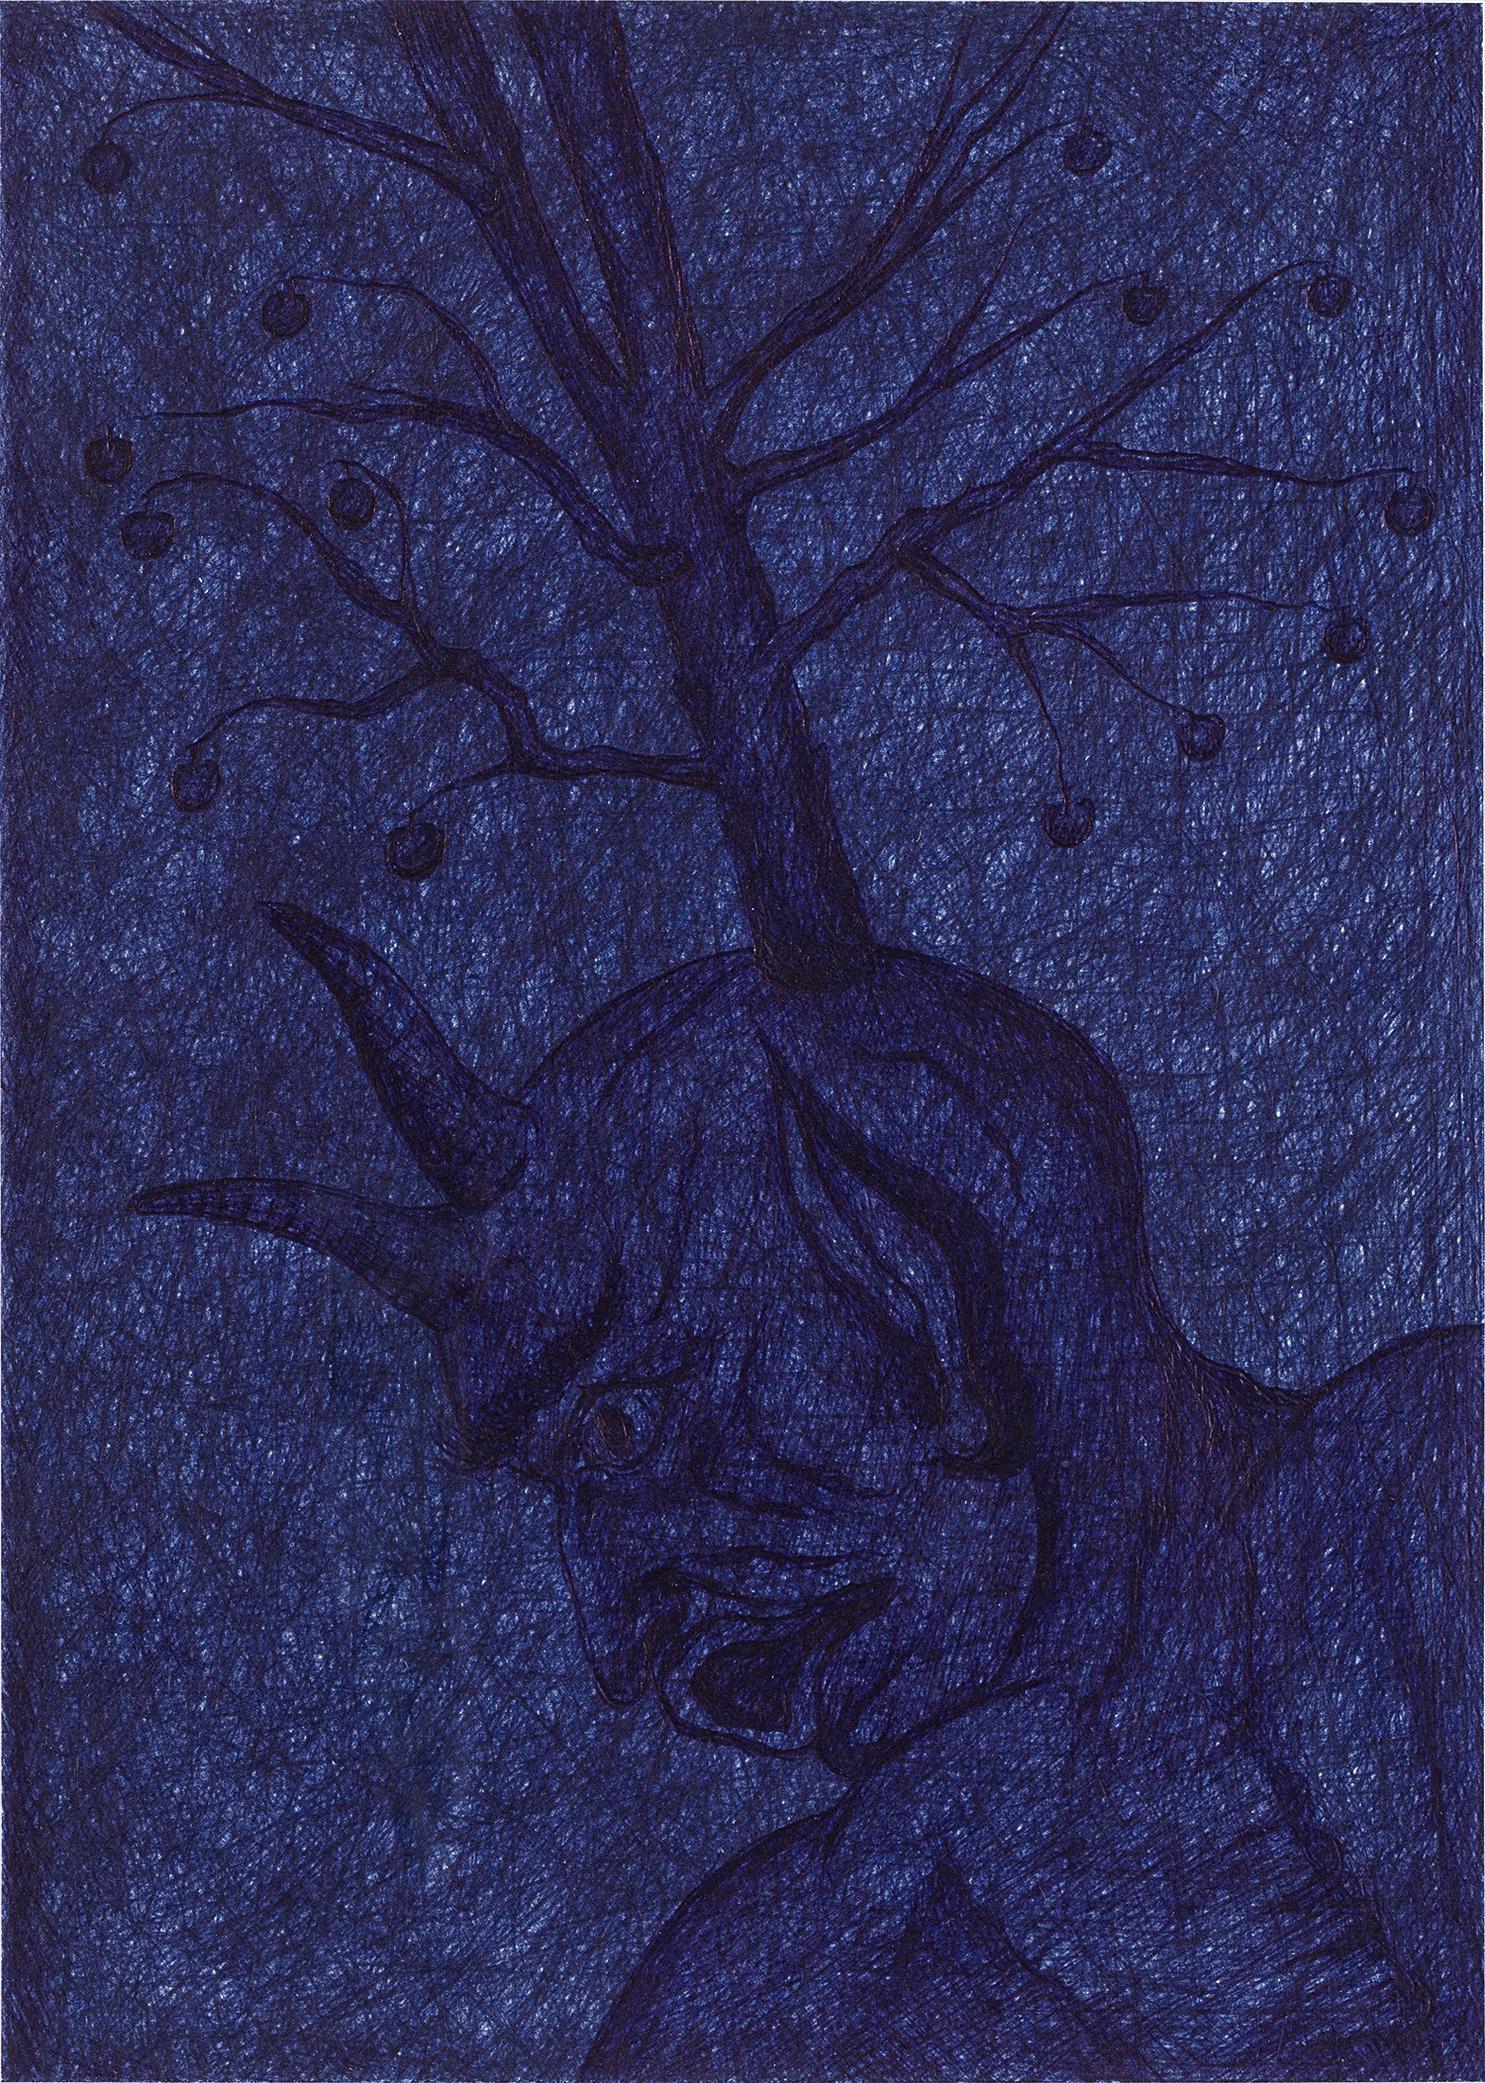 Jan Fabre-Het Denken Van Het Verbodene (La Pensee De L`Interdit// Thinking The Forbidden)-1986